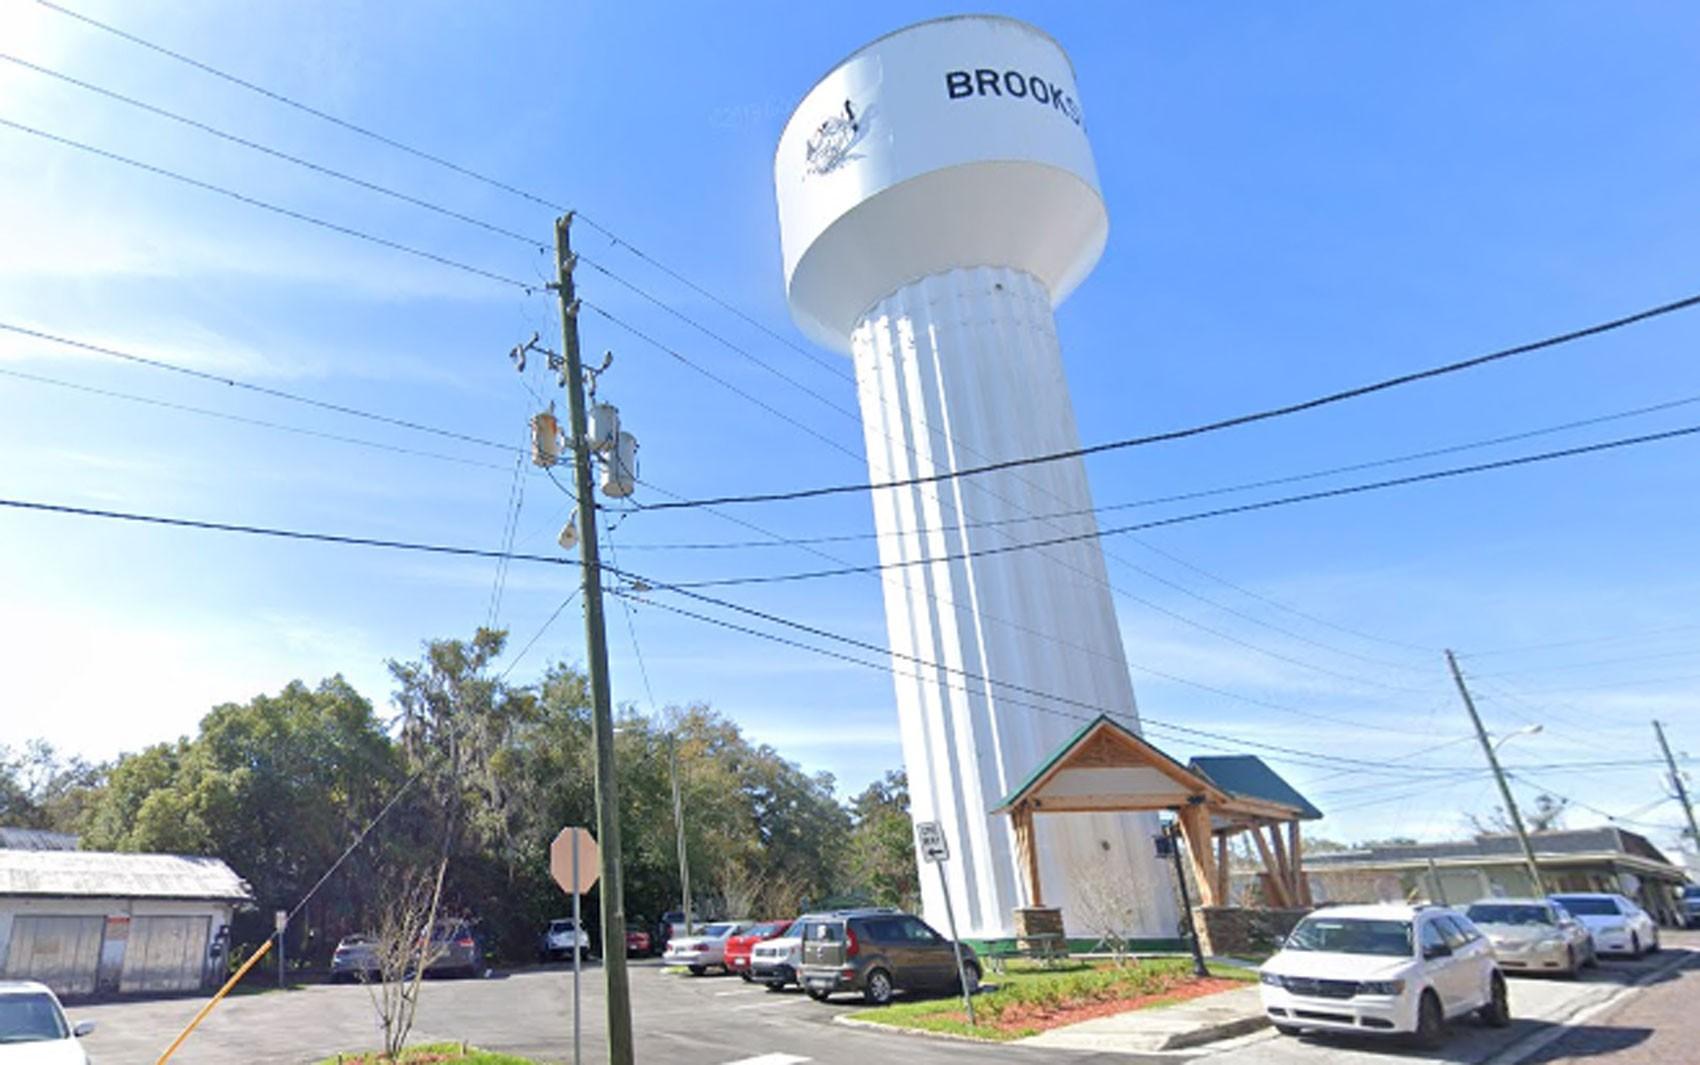 Cidade na Flórida vende seu depósito de água por engano